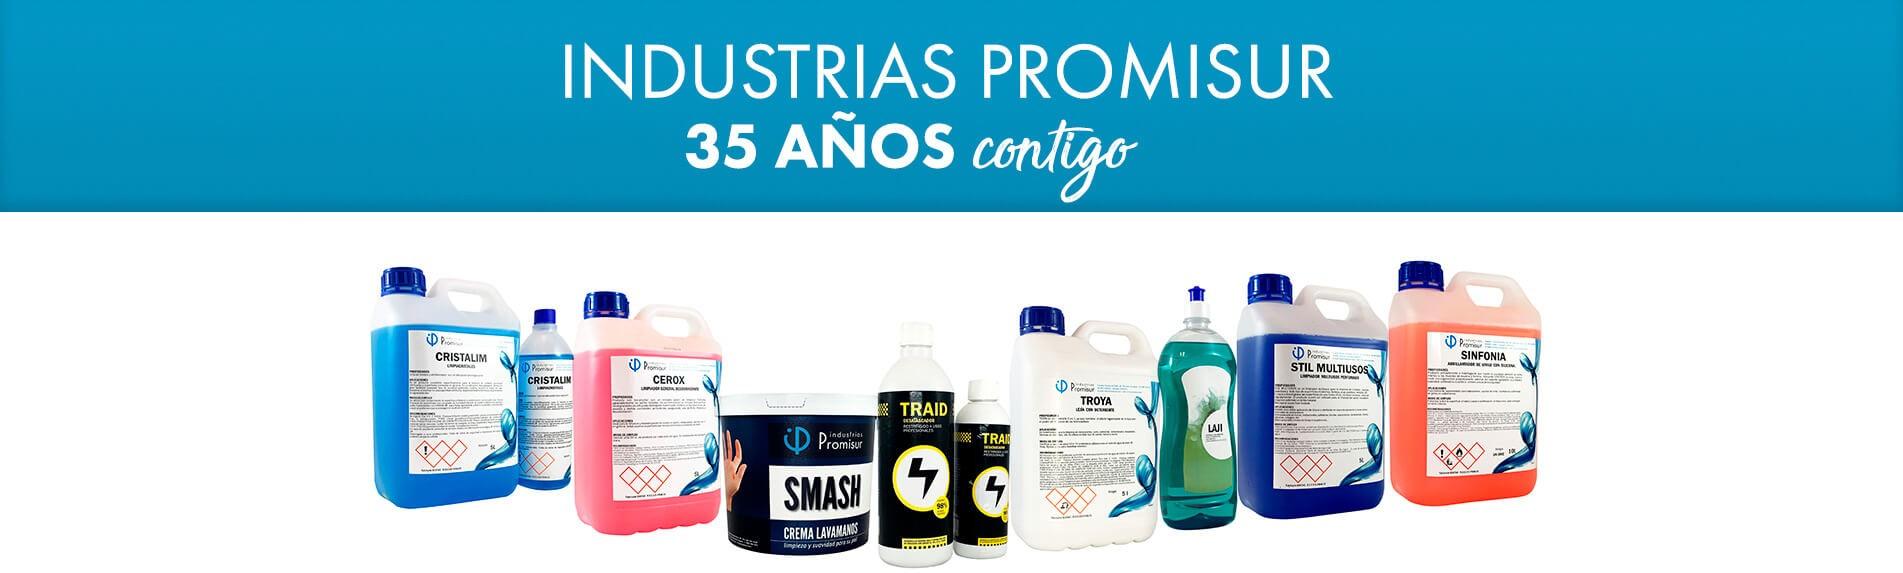 Industrias Promisur. 35 Años contigo